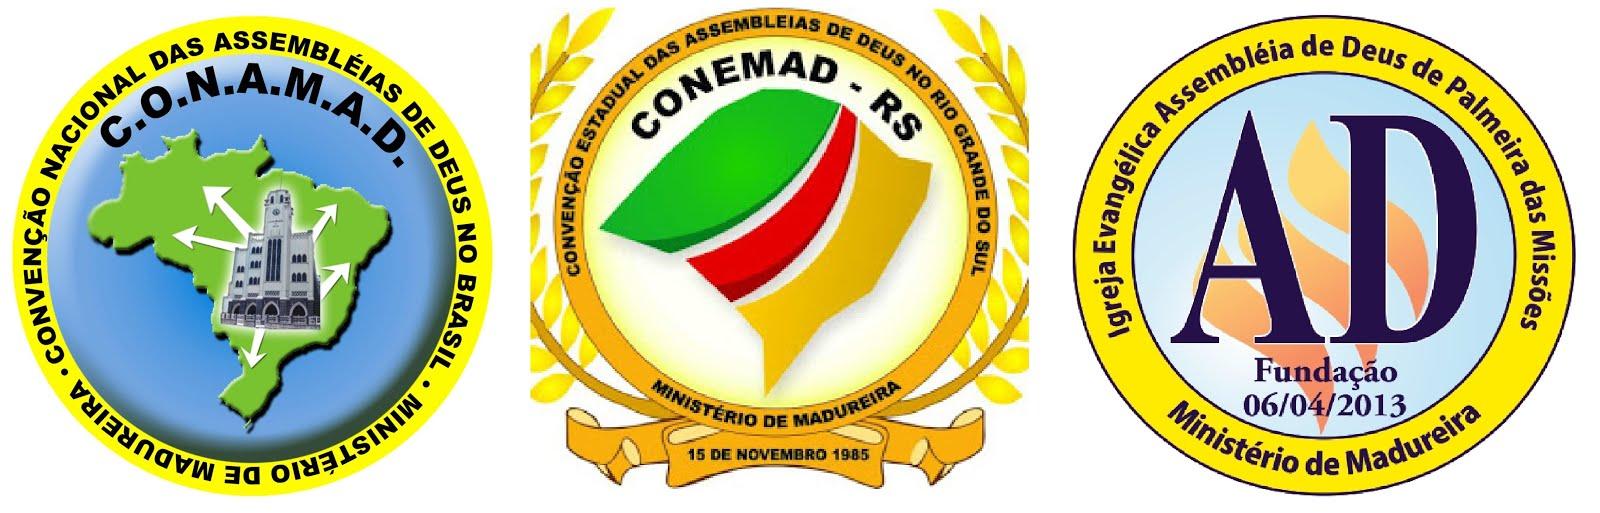 CONAMAD - CONEMAD/RS - CAMPO DE PALMEIRA DAS MISSÕES - MINISTÉRIO DE MADUREIRA